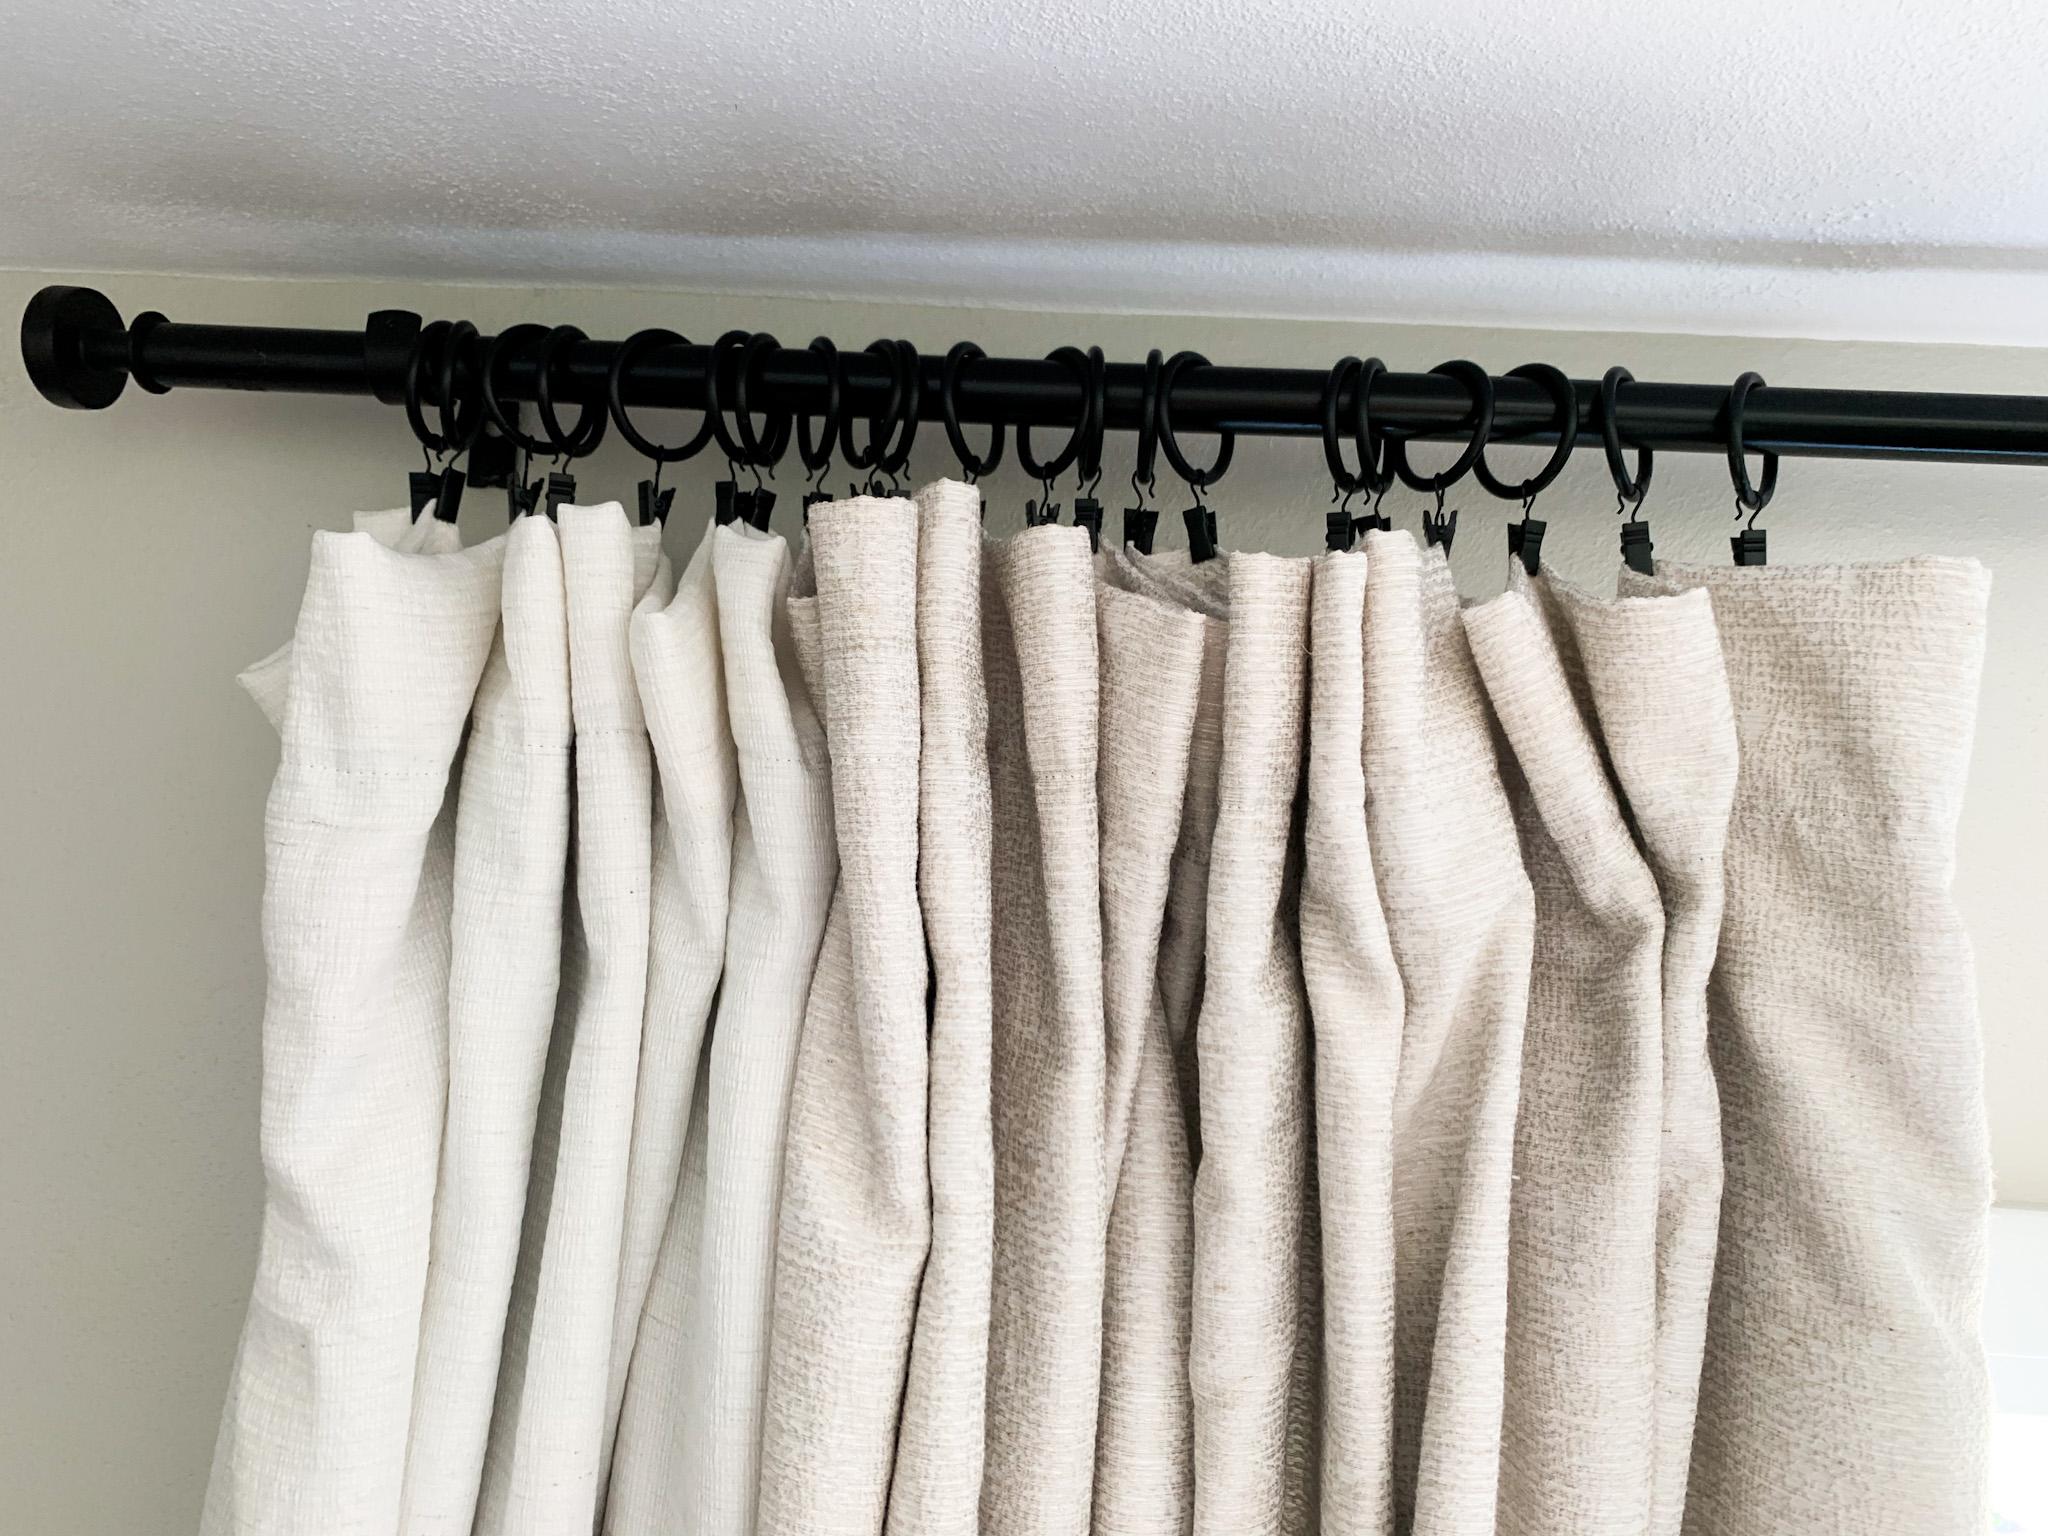 Diy Extra Long Curtain Rod A Little Kooky